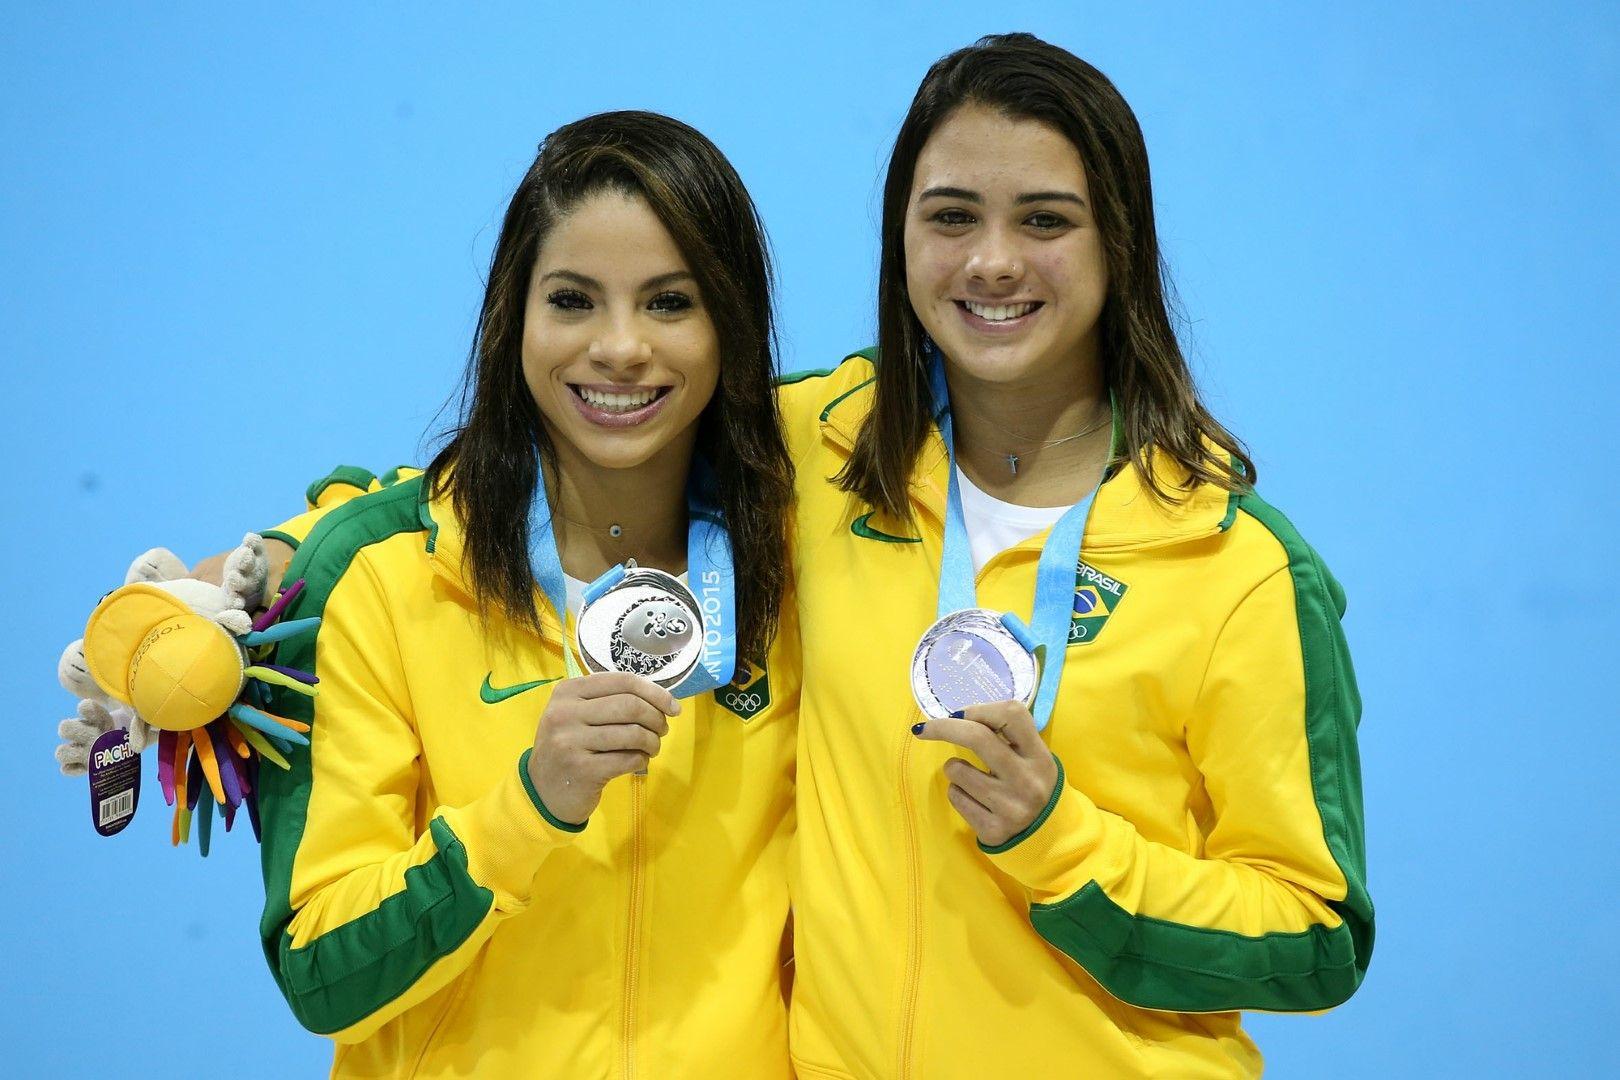 Ингрид Оливейра (вляво) и Джована Педроза, втори на Панамериканските игри година преди Рио 2016